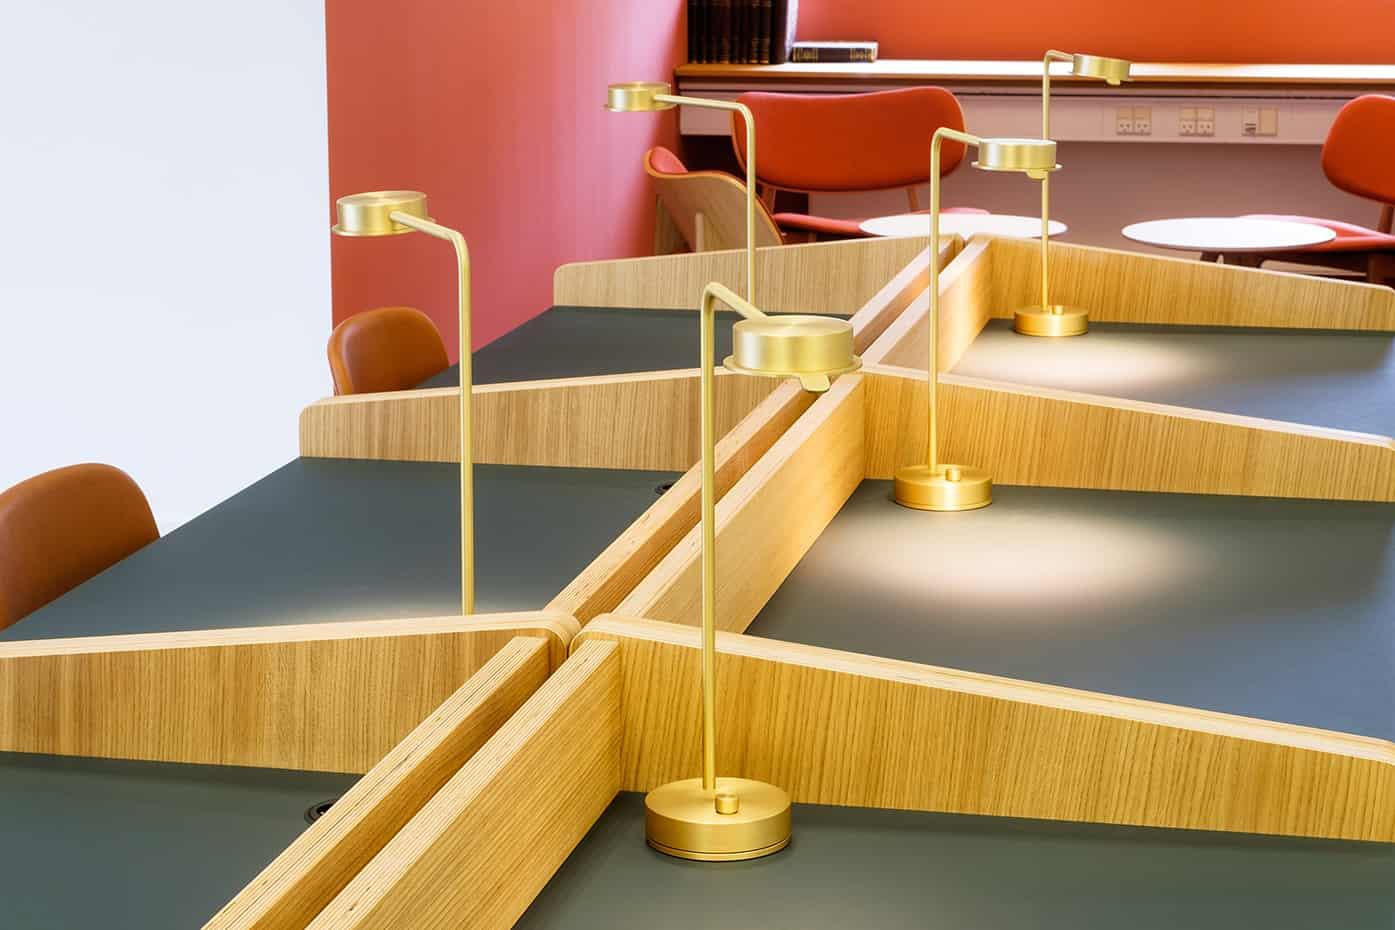 RITAarch, Indretning, spaceplanning, biblioteksdesign, biblioteksindretning, wayfinding, grafik, spaceplanning, arkitektur, atrium, læseområde, fordybelsesområde, specialinventar, Holbæk bibliotek